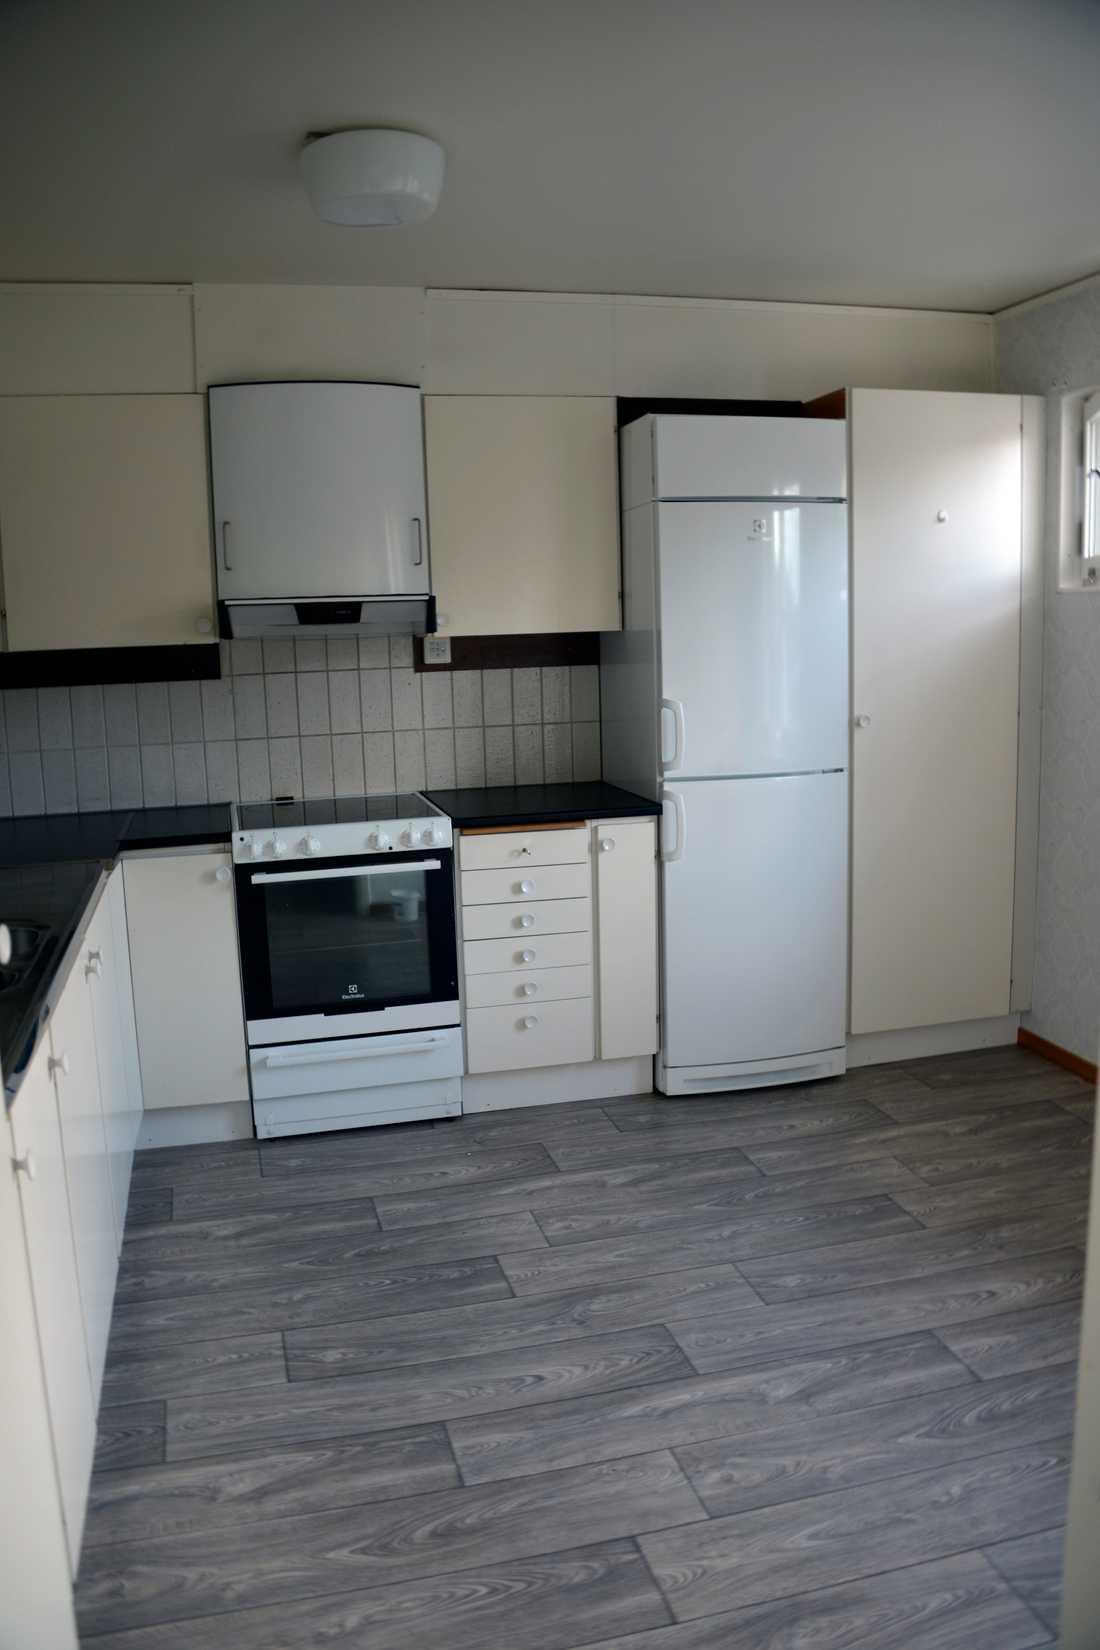 Familjen har fått låna en kastrull för att kunna laga enkel mat i det tomma köket.